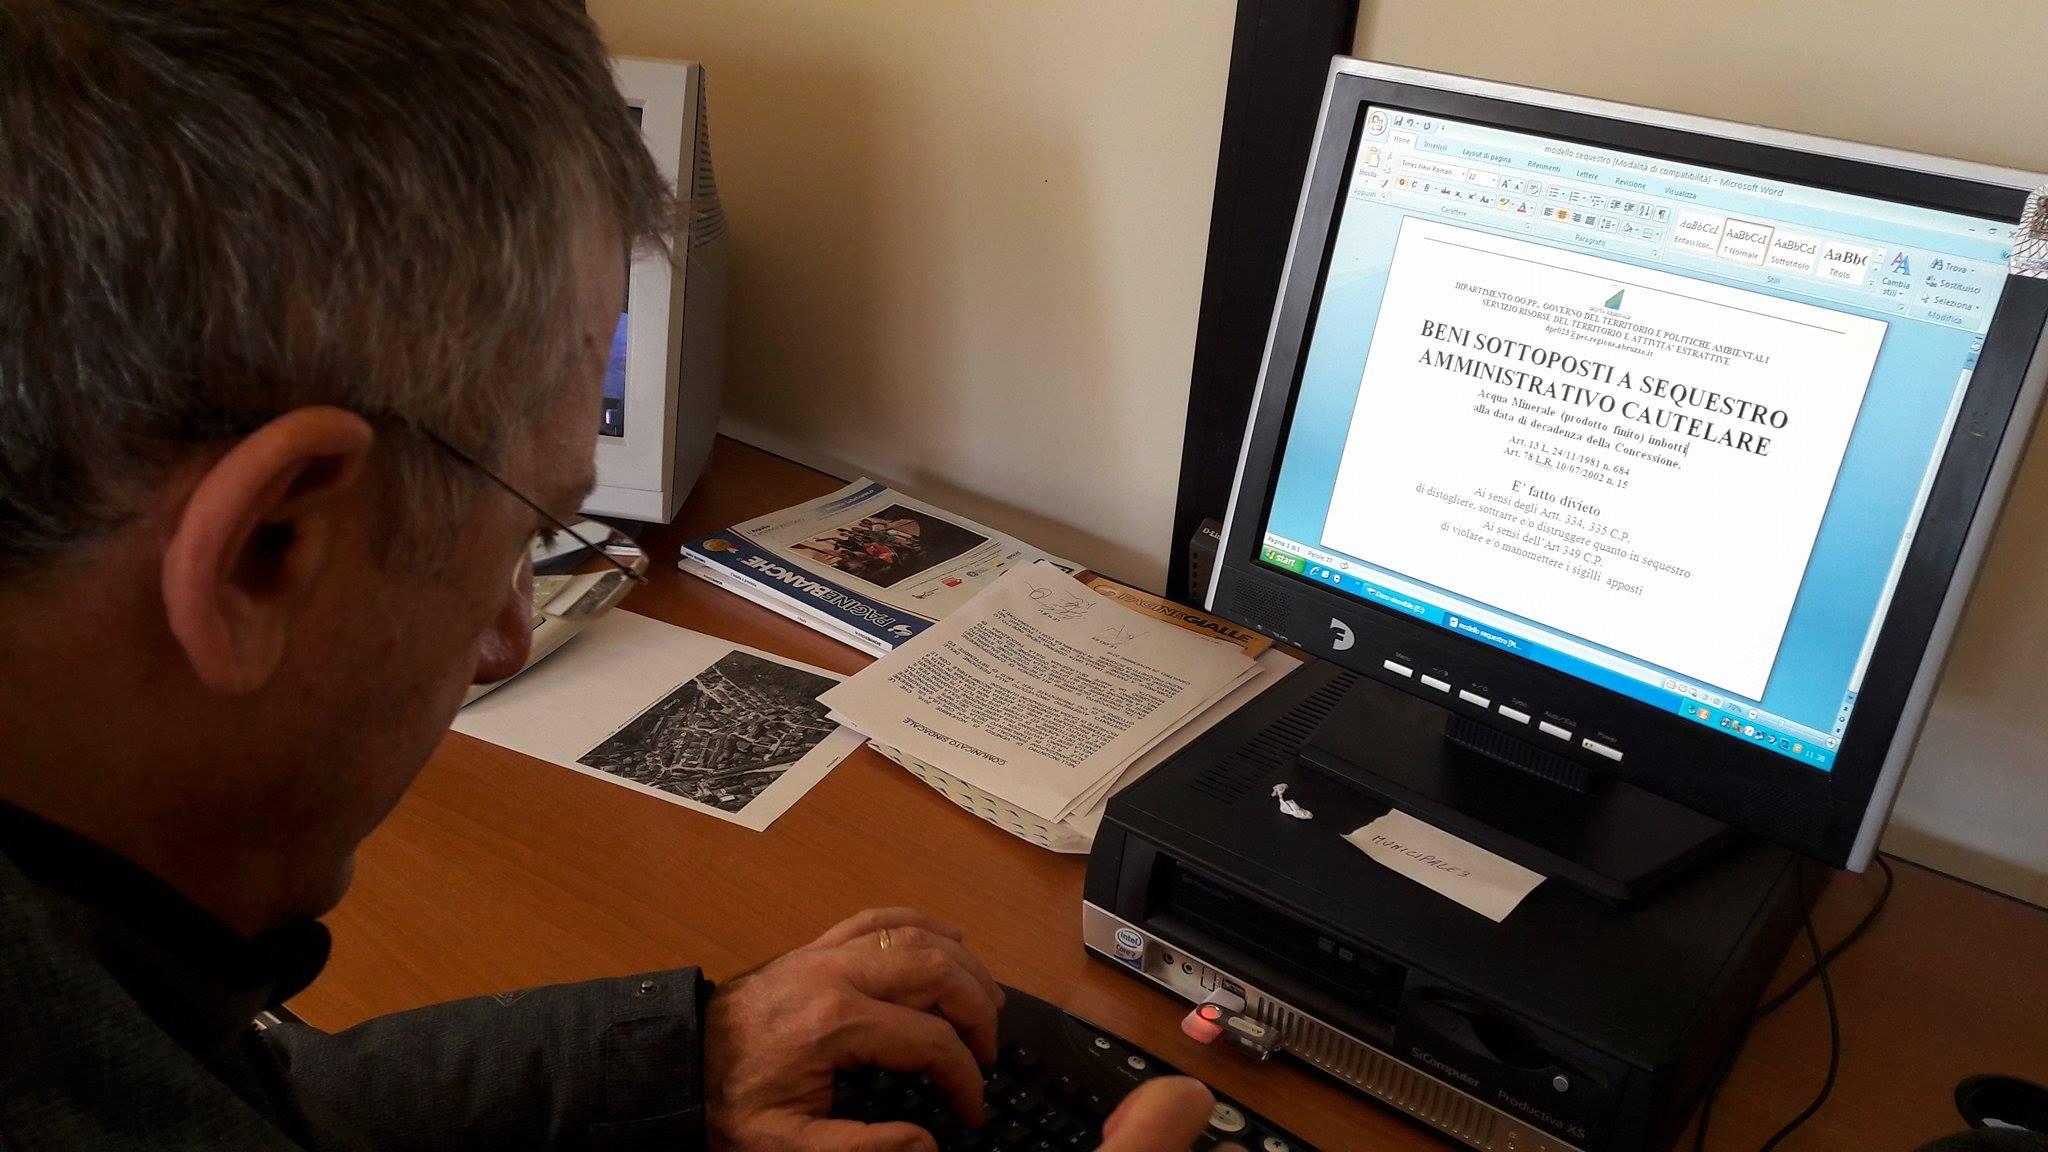 Sequestro amministrativo alla Santa Croce, la procura di Avezzano ipotizza l'omissione di atti d'ufficio da parte della Regione